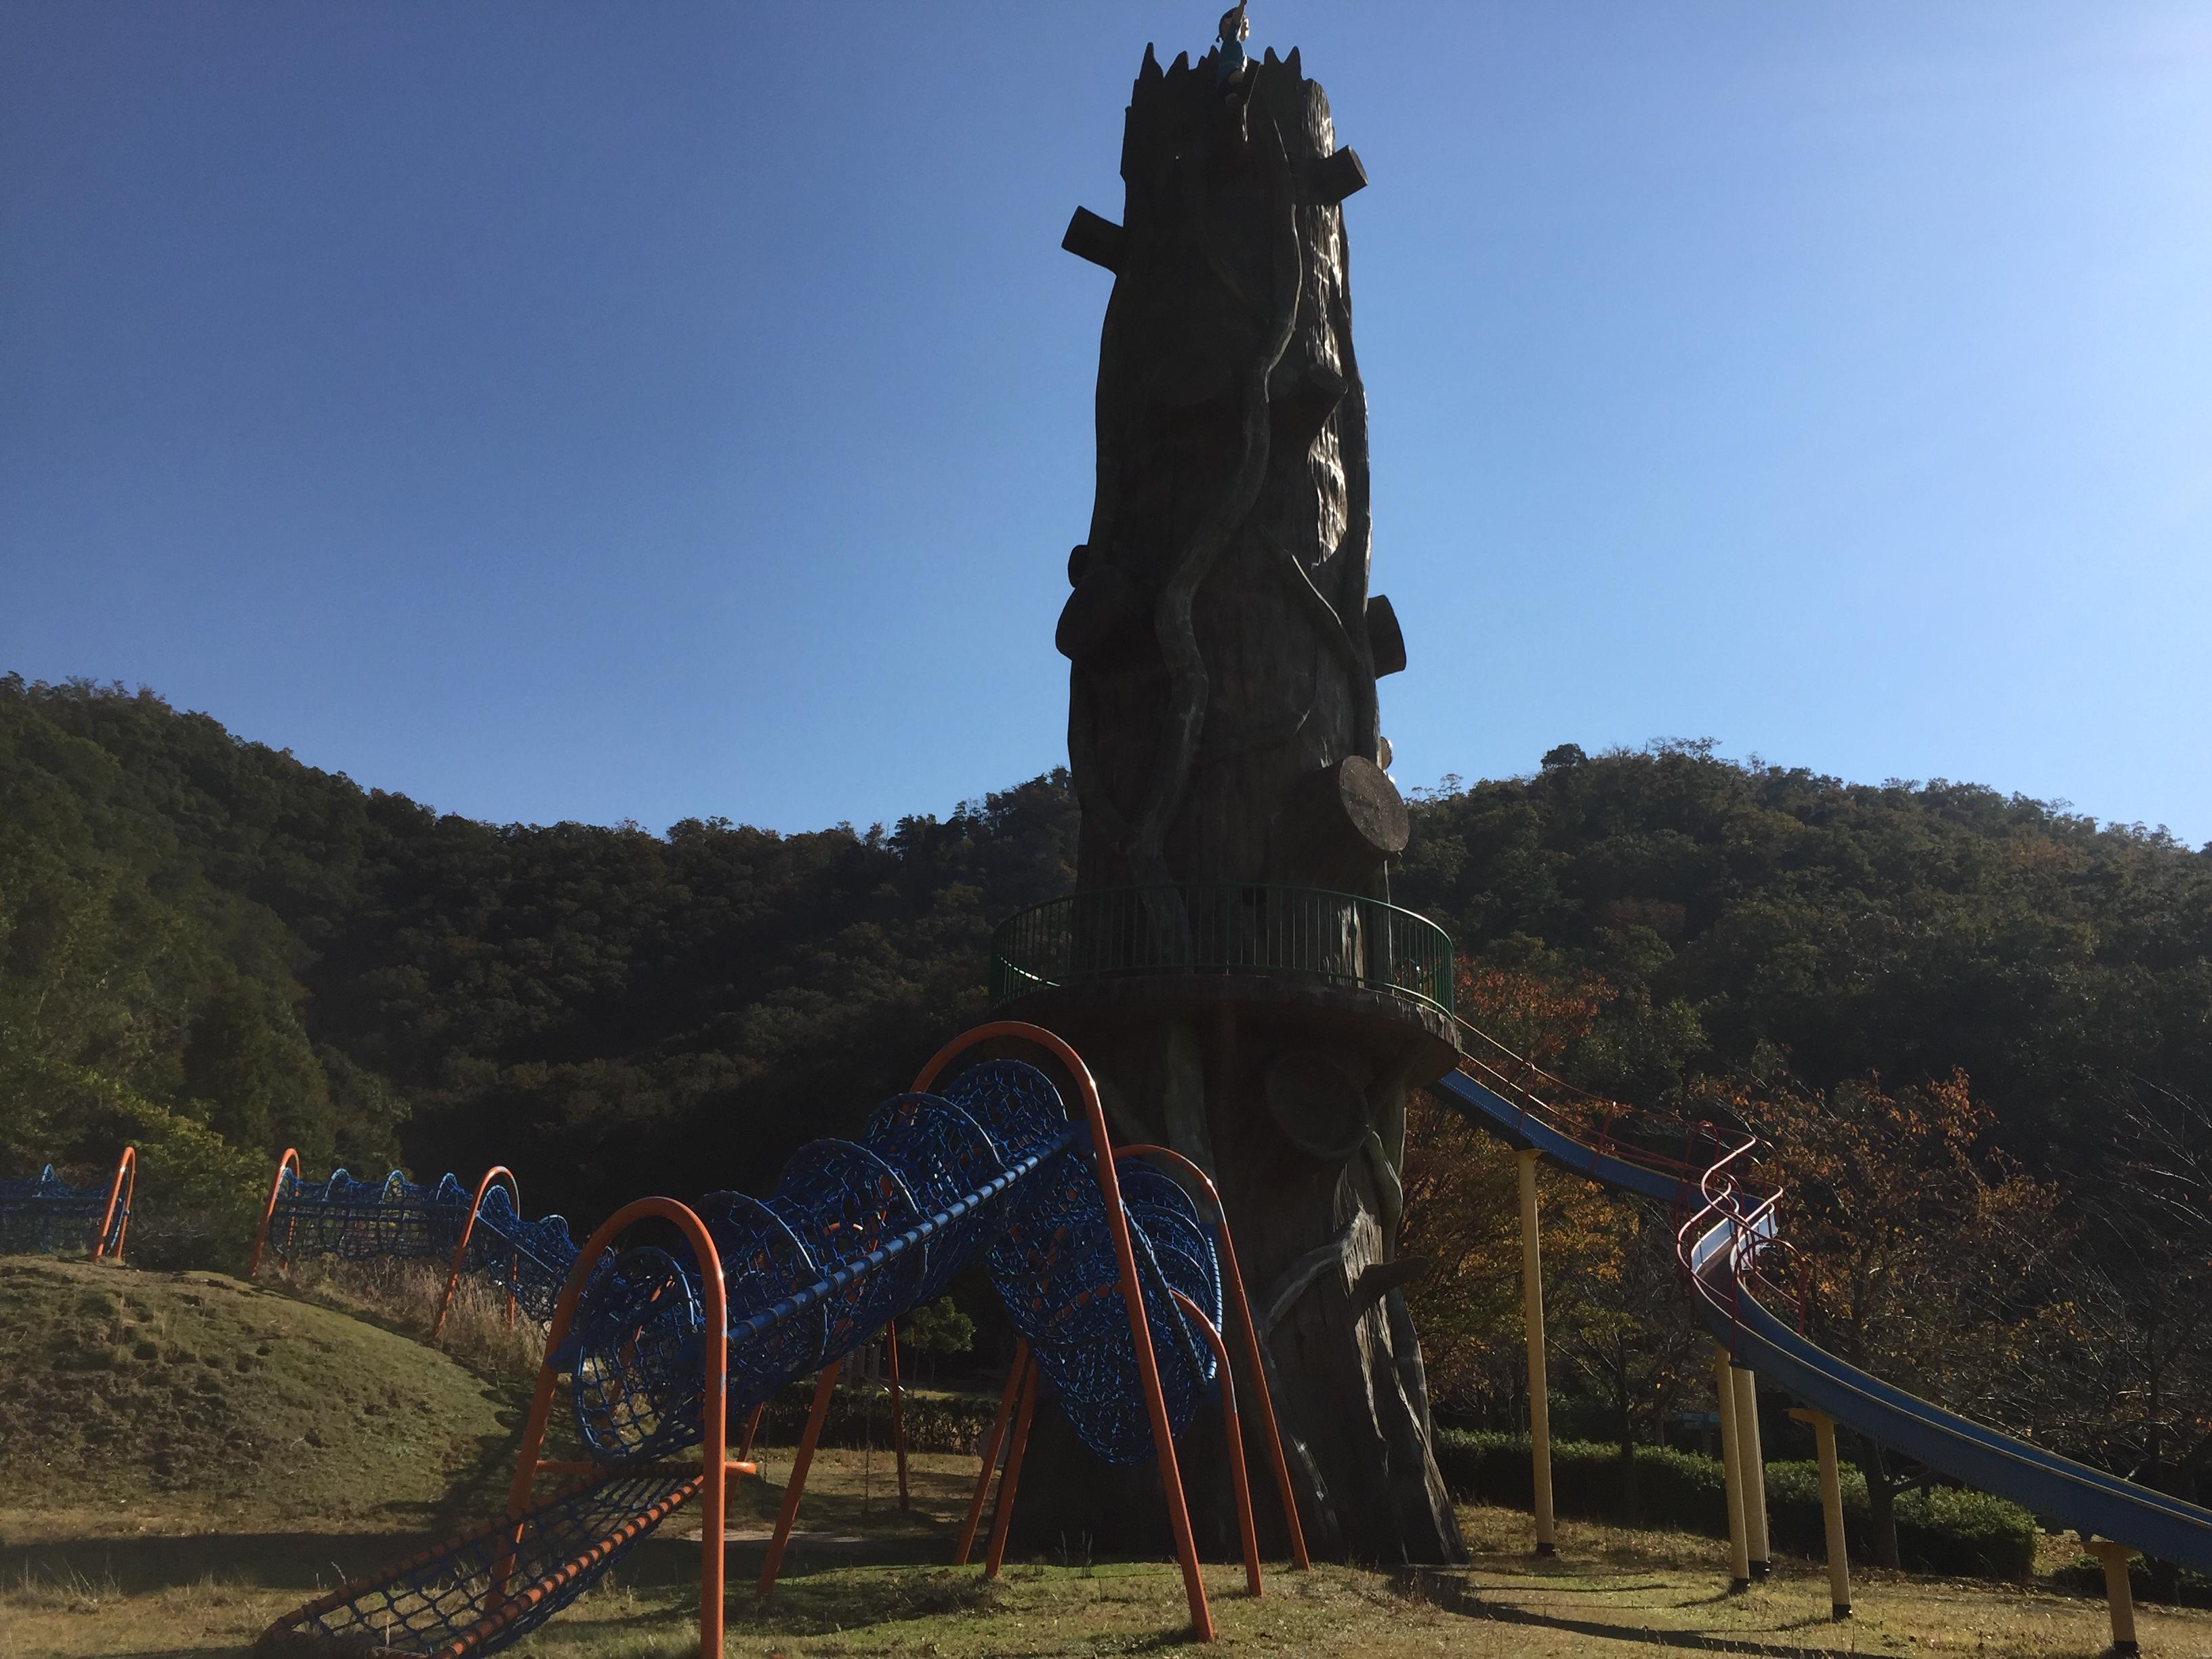 若狭総合公園で子どもと遊び方!